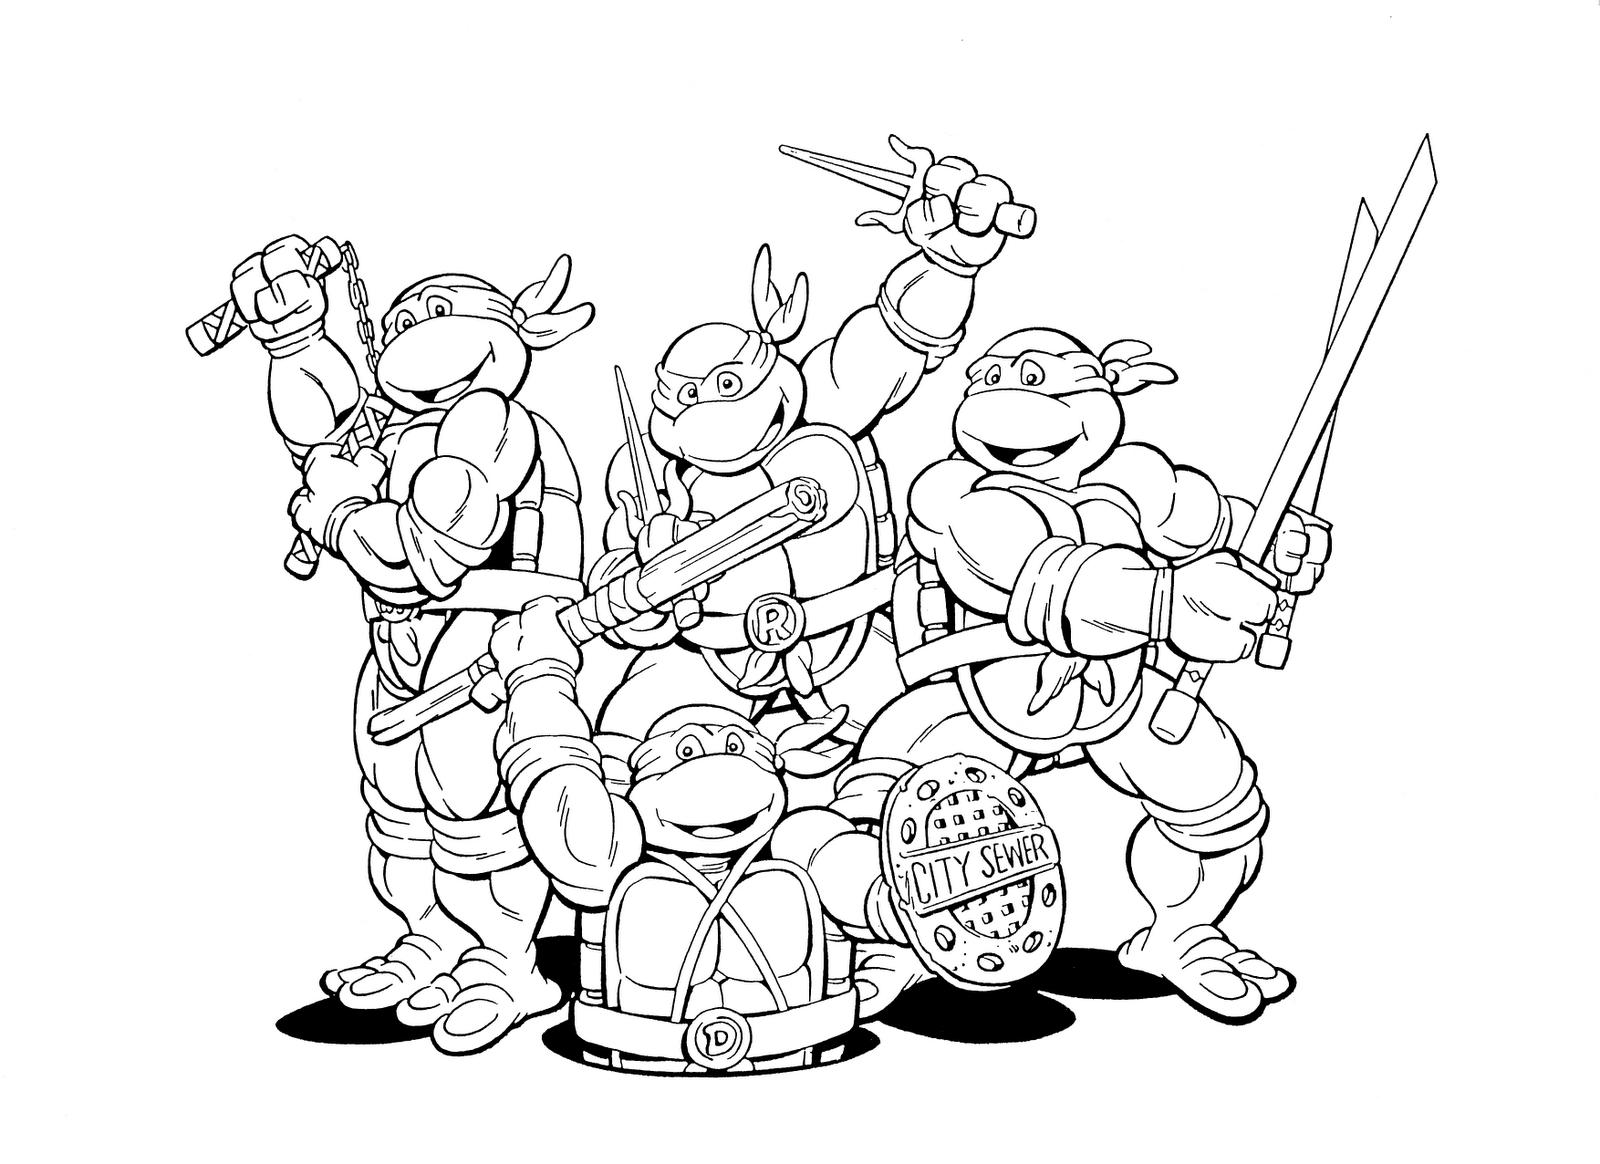 ninja turtles free printable coloring pages ninja turtles coloring pages learny kids coloring turtles free printable ninja pages